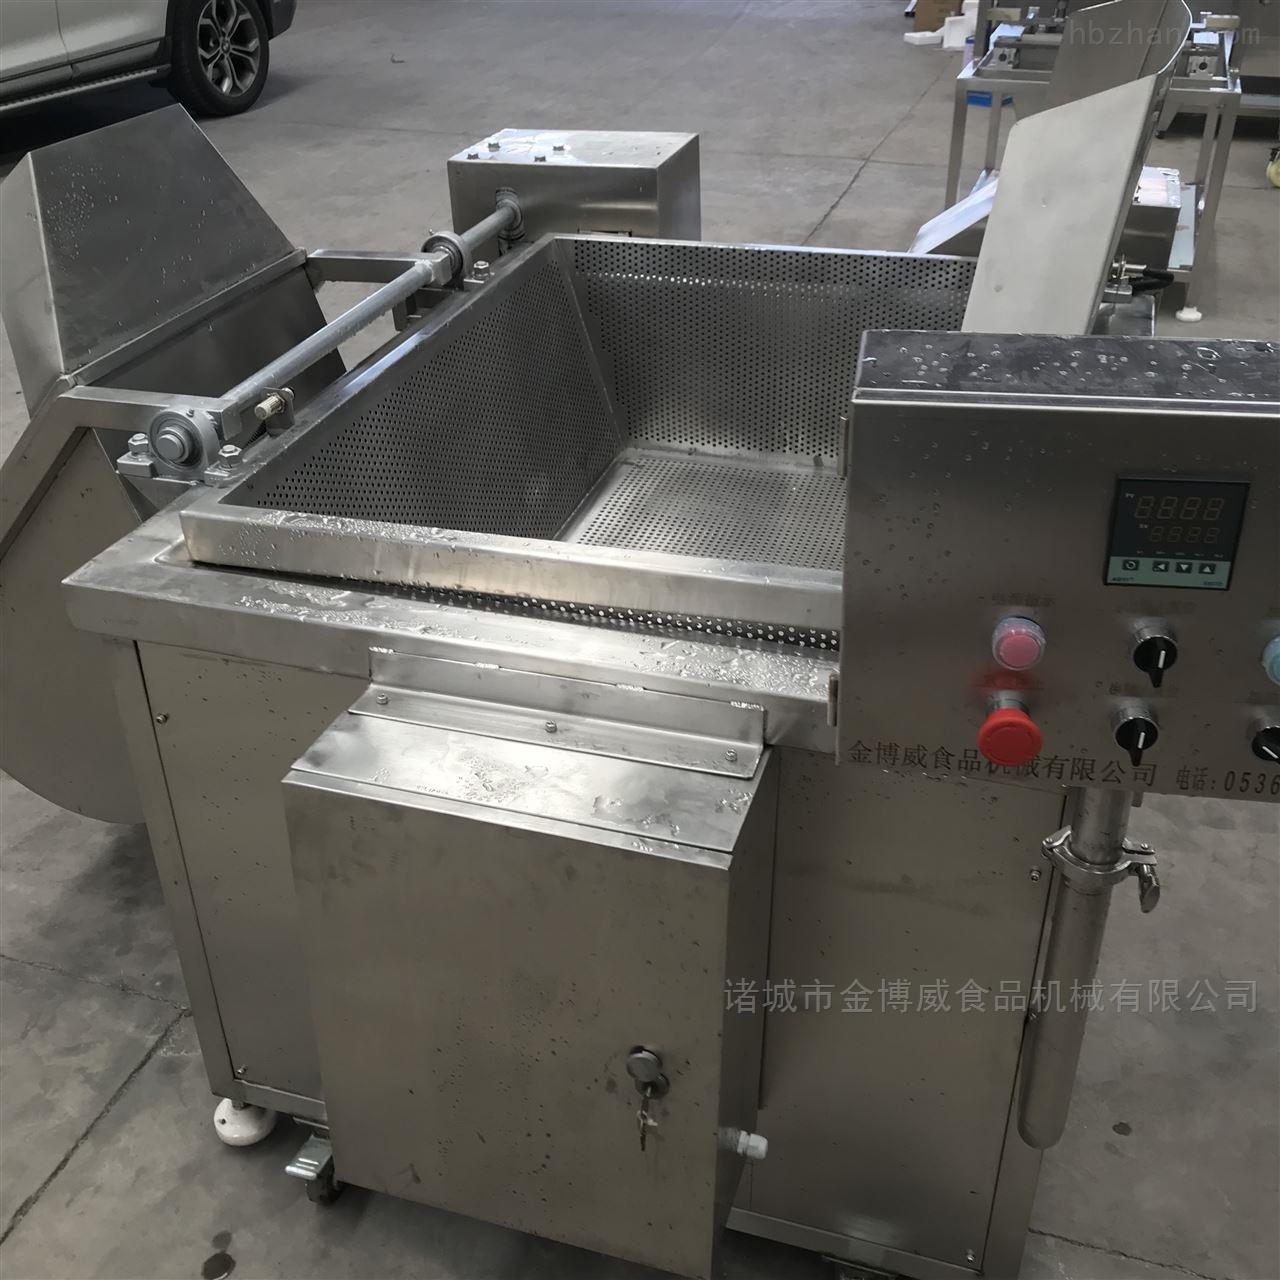 鱼豆腐油炸机装置